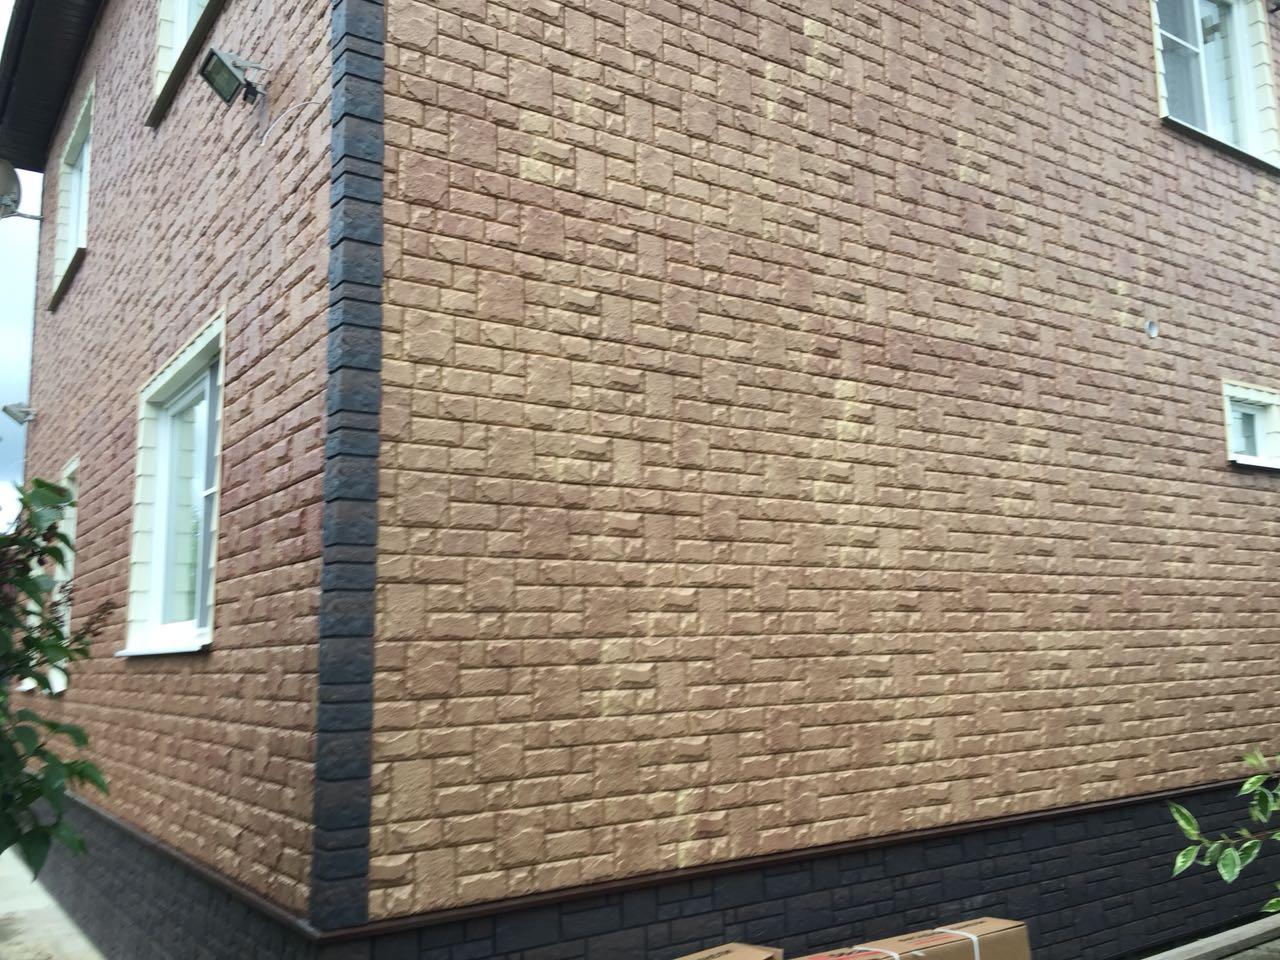 Монтаж GL «Я-Фасад» Екатерининский камень, Бронза - цоколь и углы Docke-R Burg, Темный